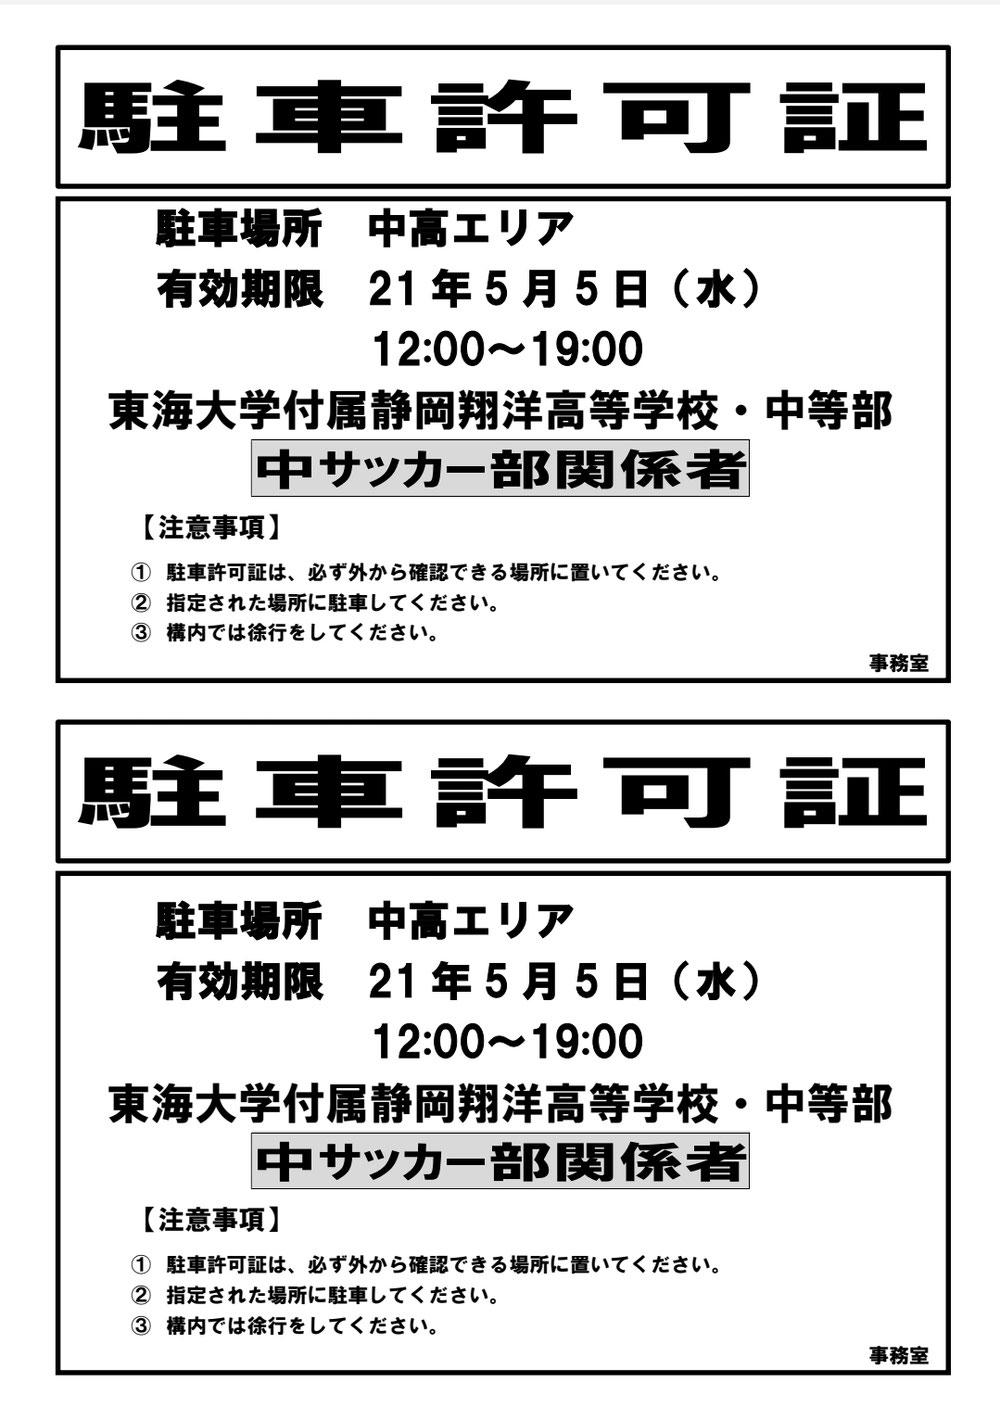 5/5駐車許可証【必ず車に置いてください】